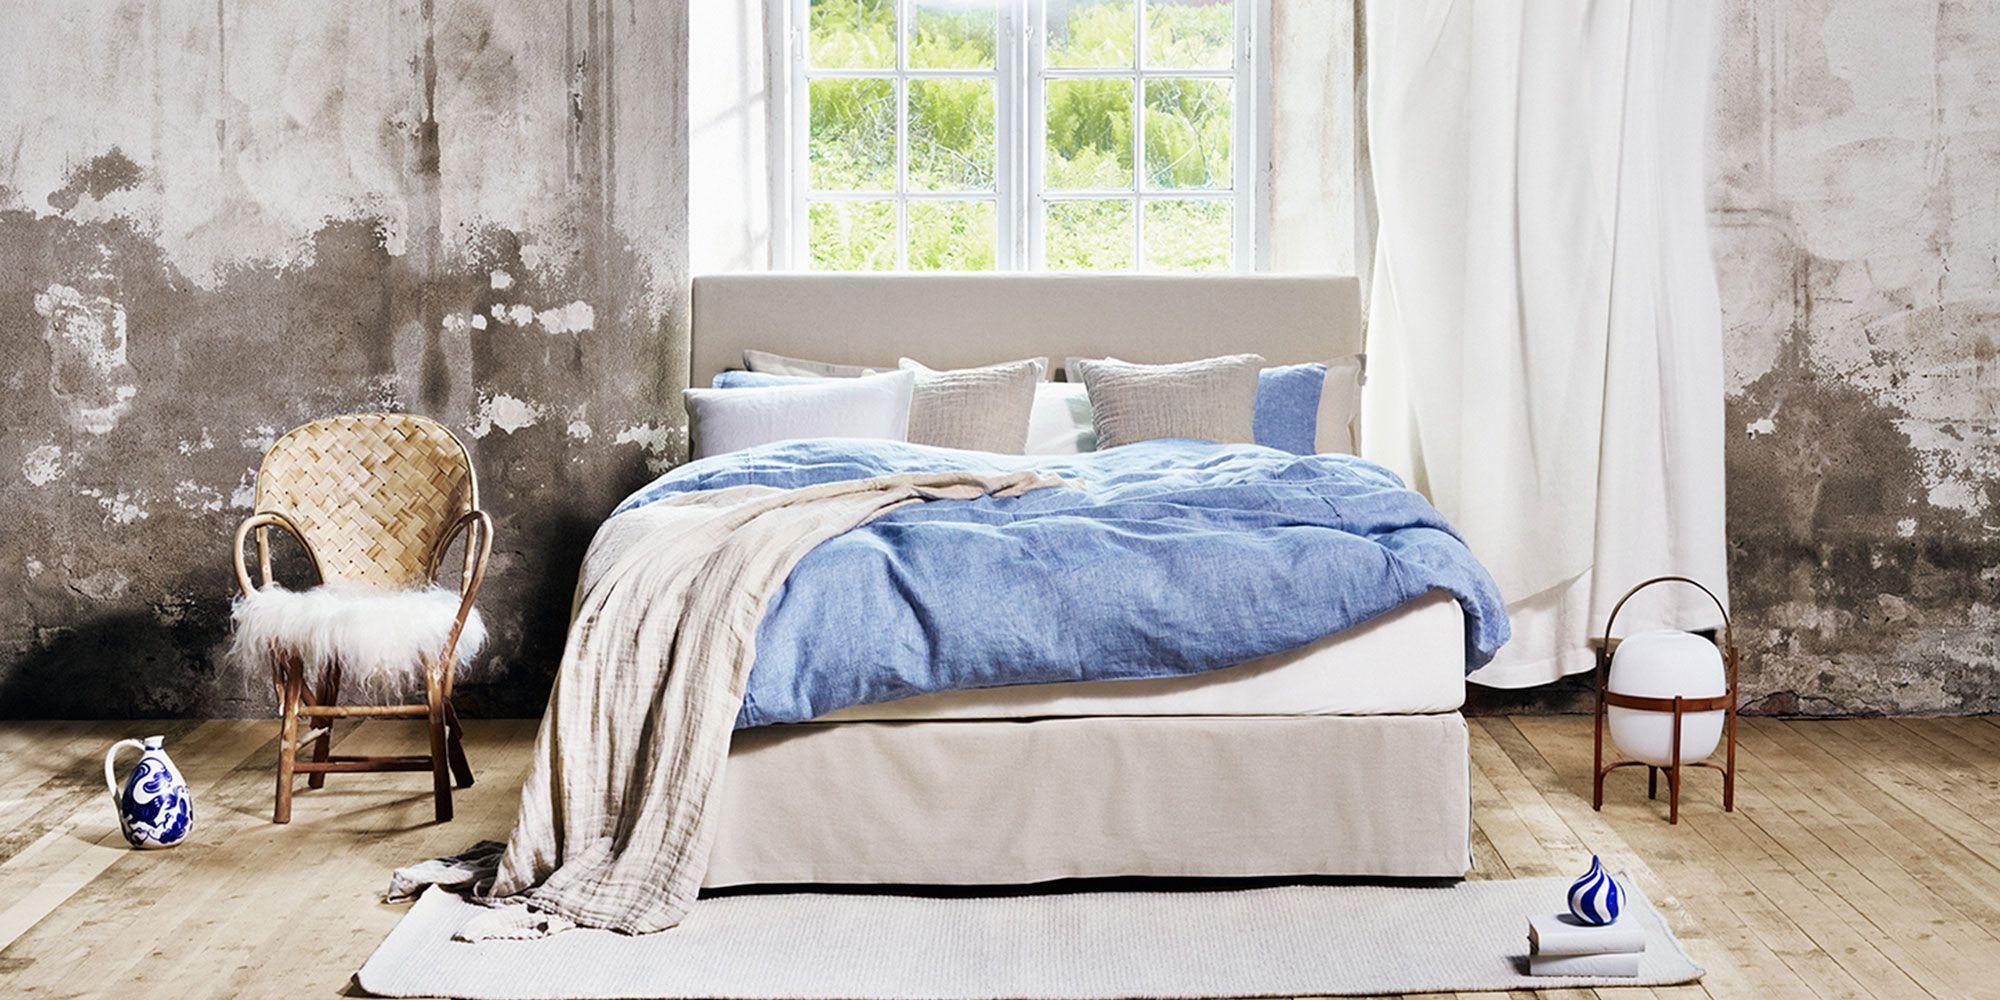 sofa direkt vom hersteller diese vorschau auf den. Black Bedroom Furniture Sets. Home Design Ideas